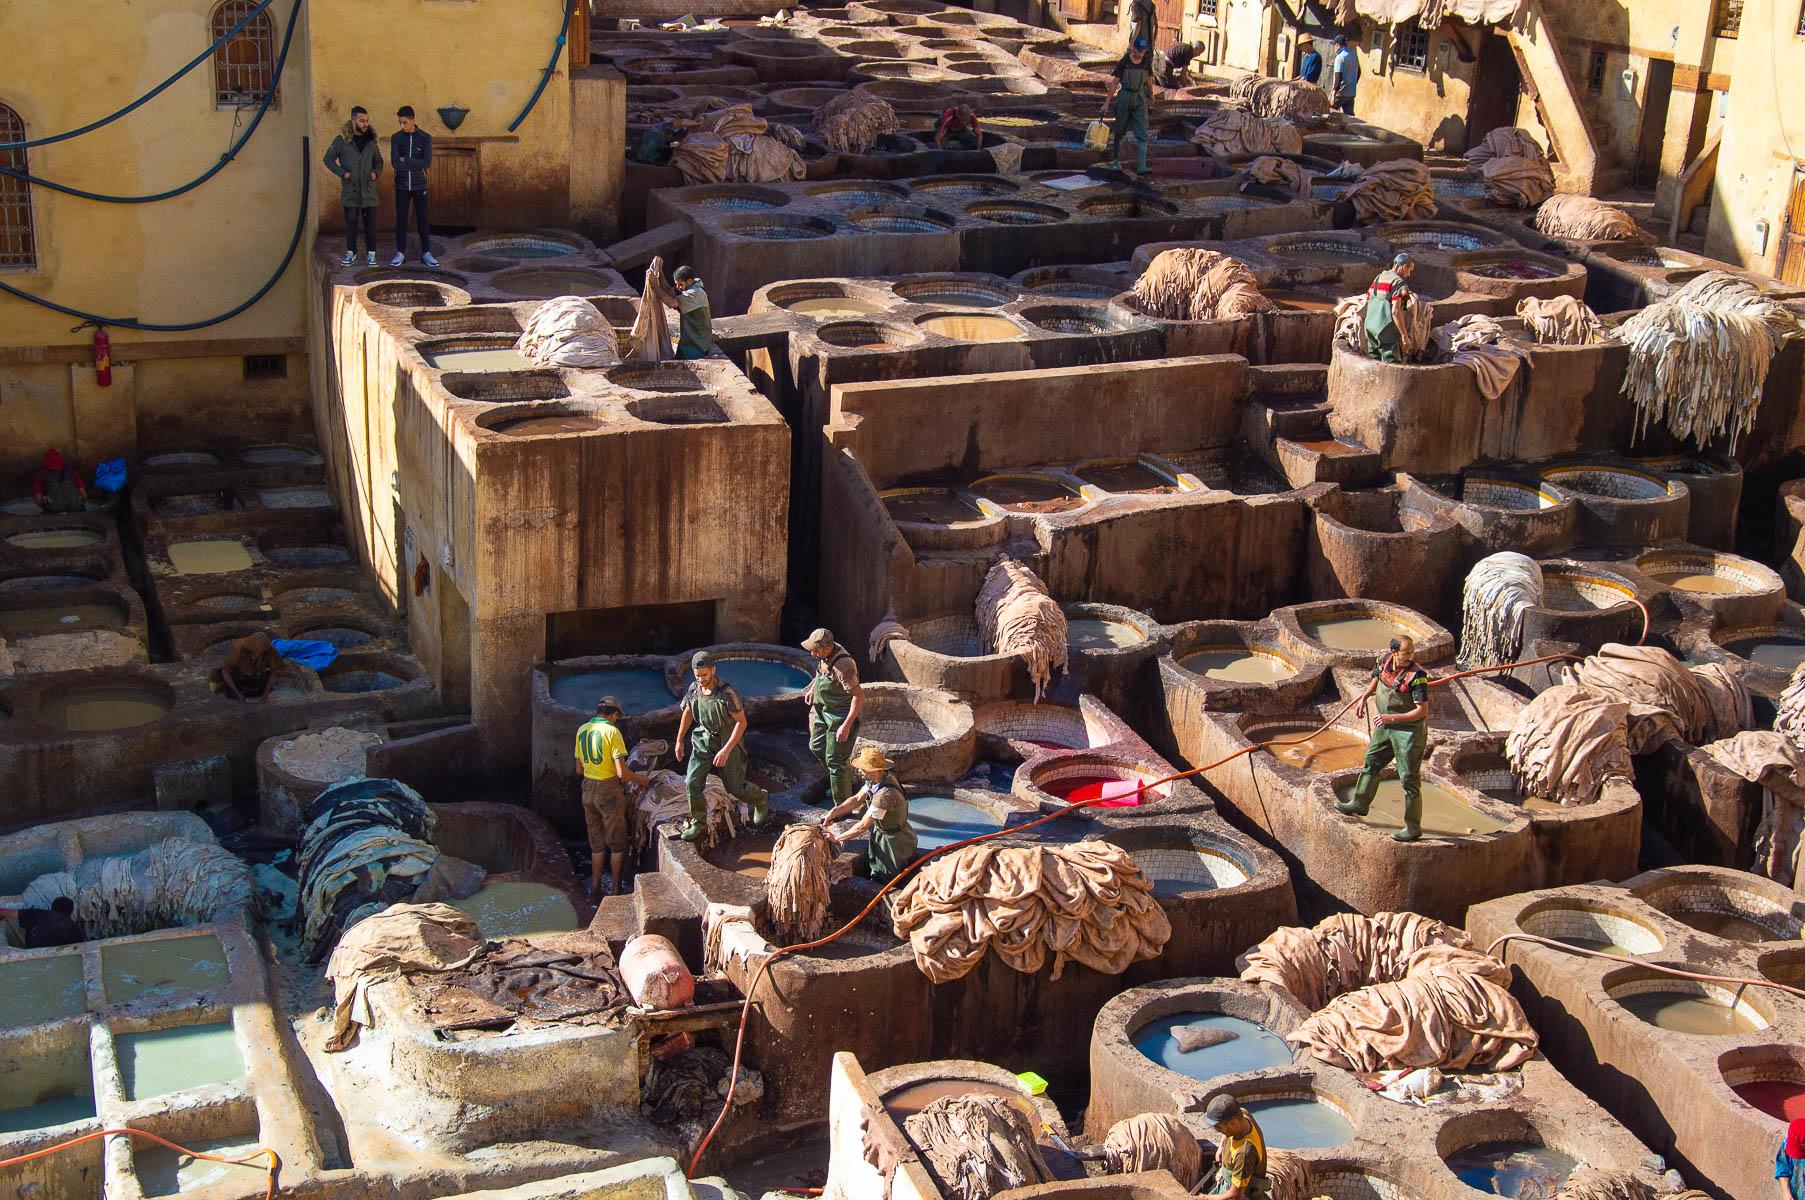 La conceria Chouara della medina di Fes in Marocco